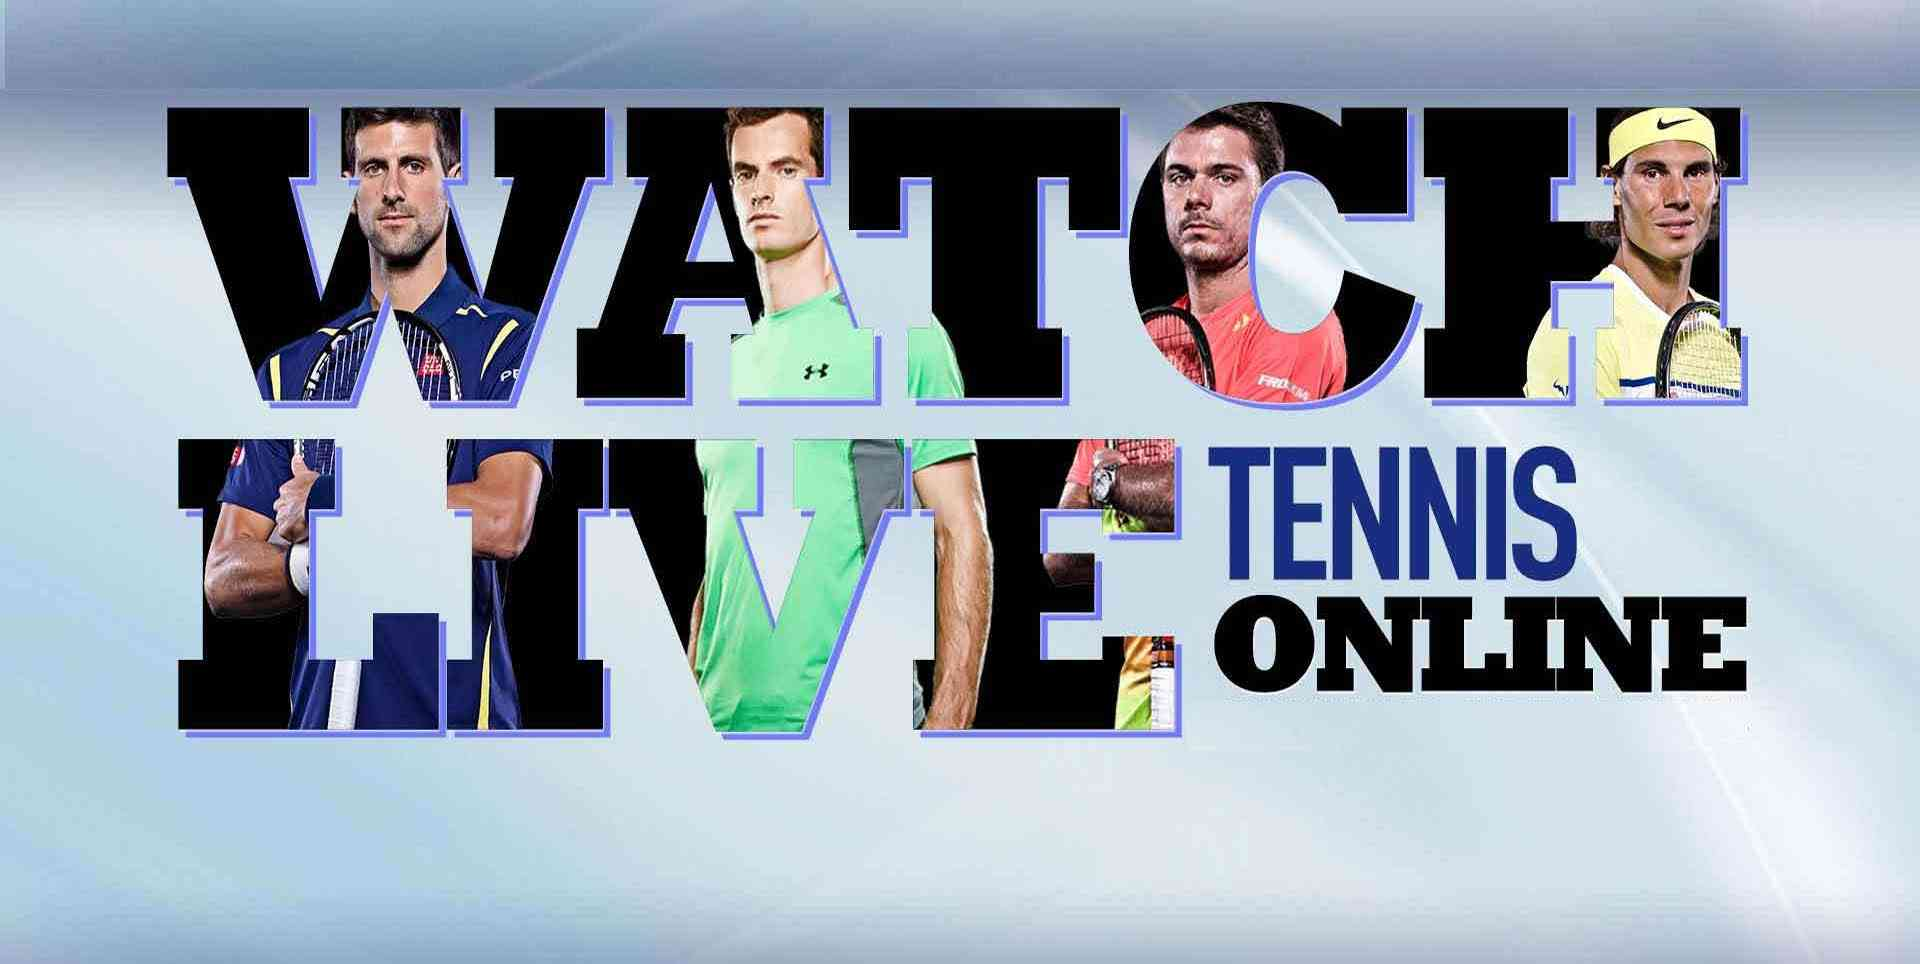 Watch R. Federer vs F. Delbonis Semi - Final Online